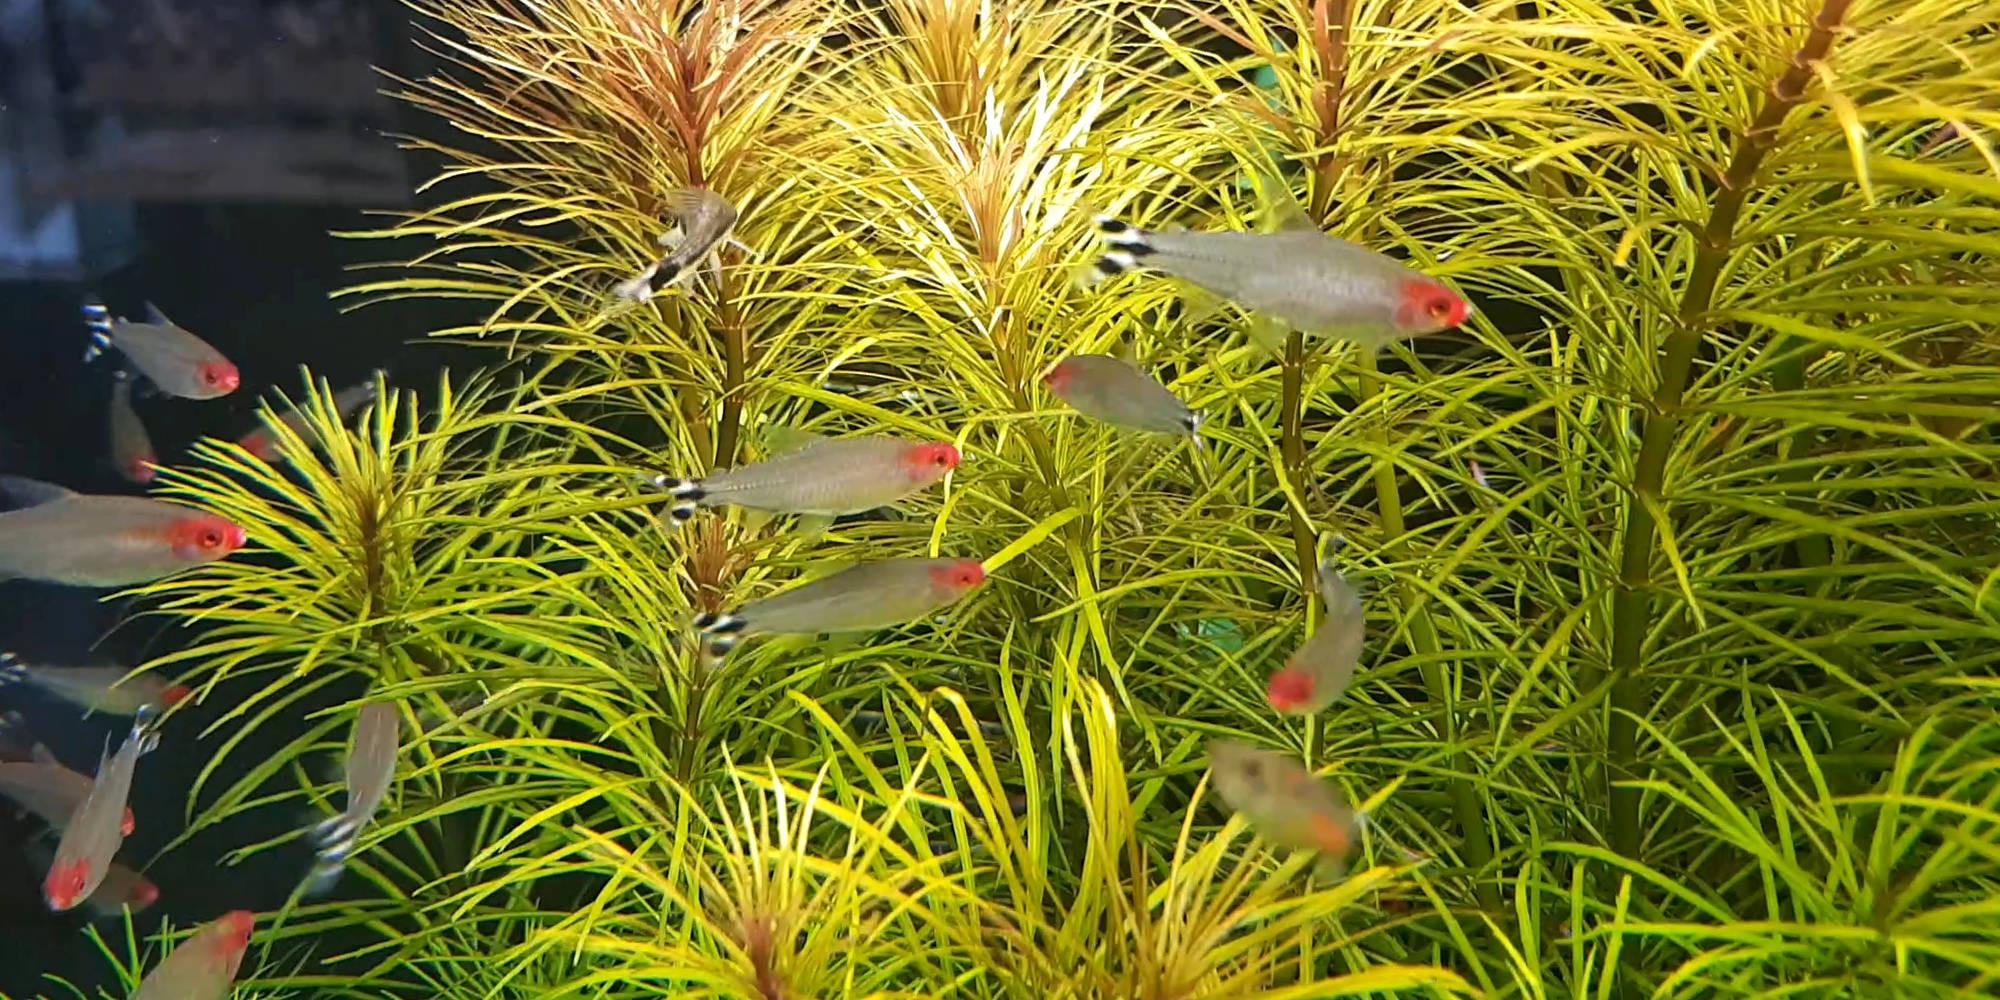 Poissons et plantes pour aquarium, Oxyfish vente en ligne de poissons vivants